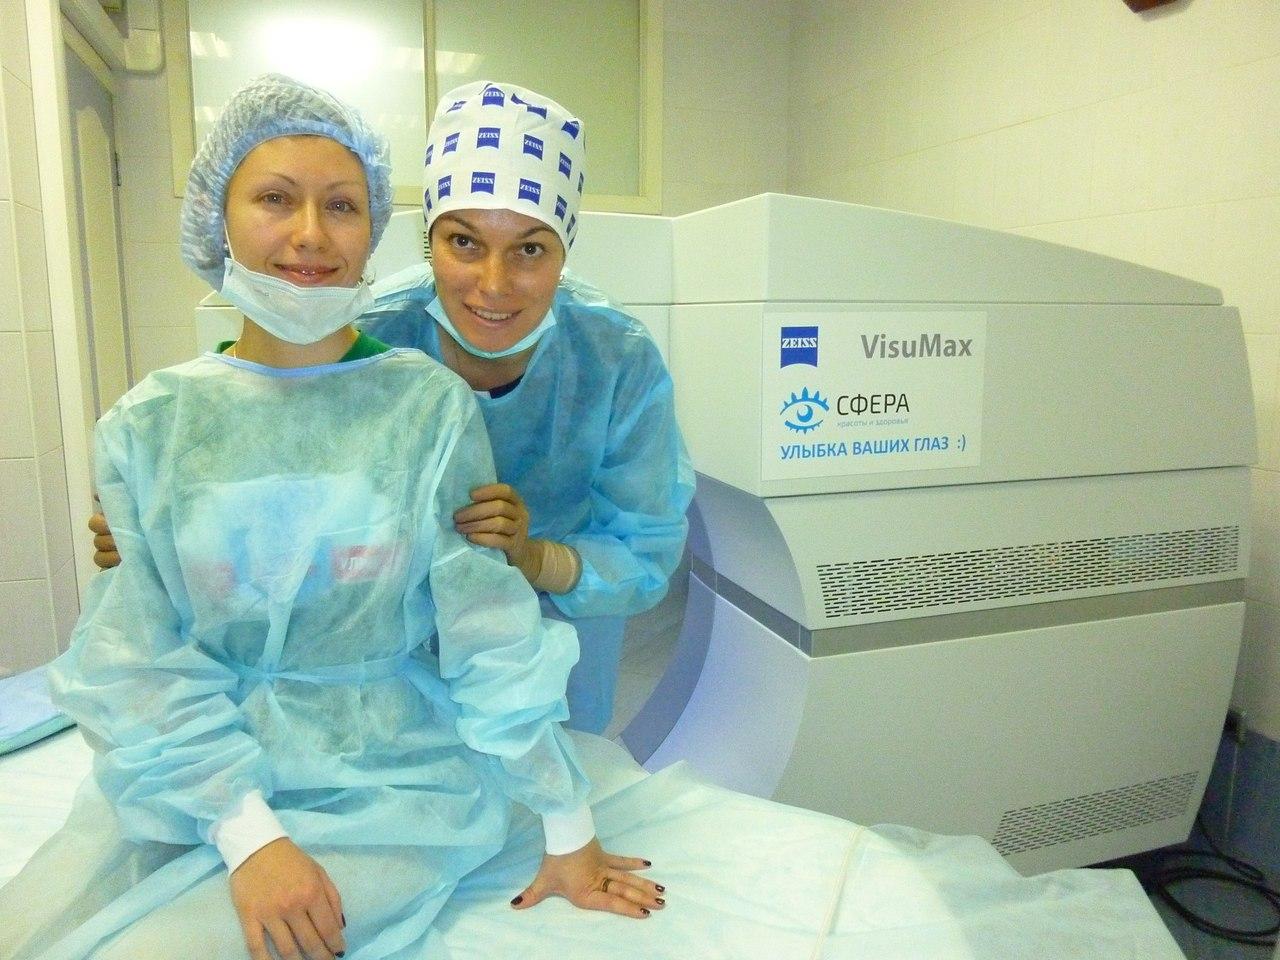 Екатерина: Делала операцию SMILE — безболезненно, с минус 8 диоптрий на следующий день вижу все :-)